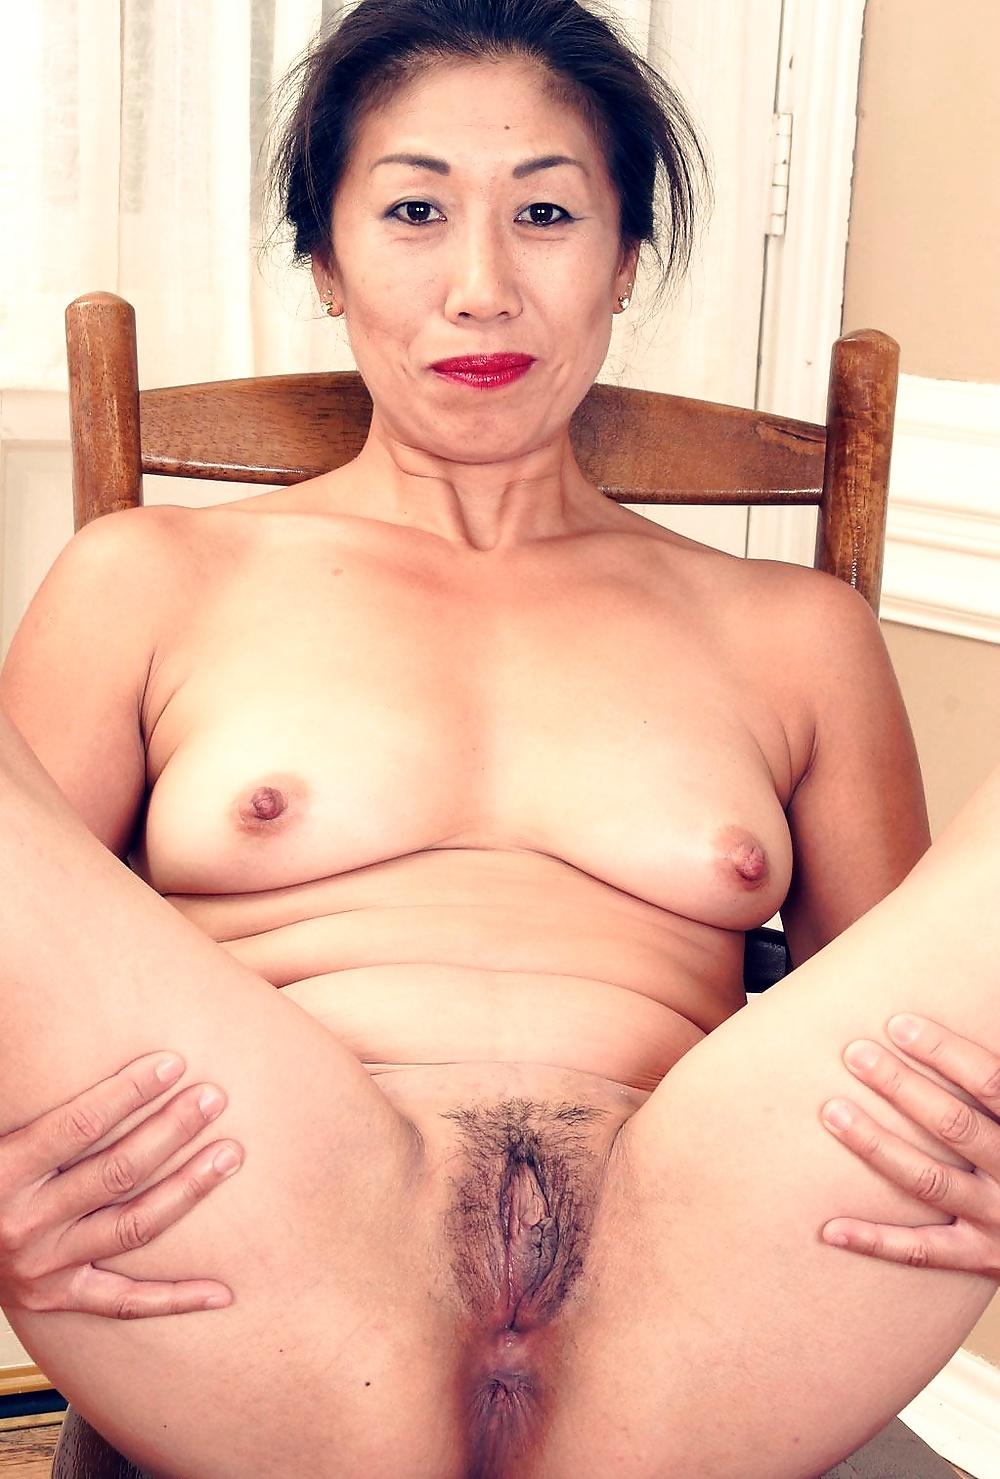 проститутки старые пожилые восточные азиатки фото цены